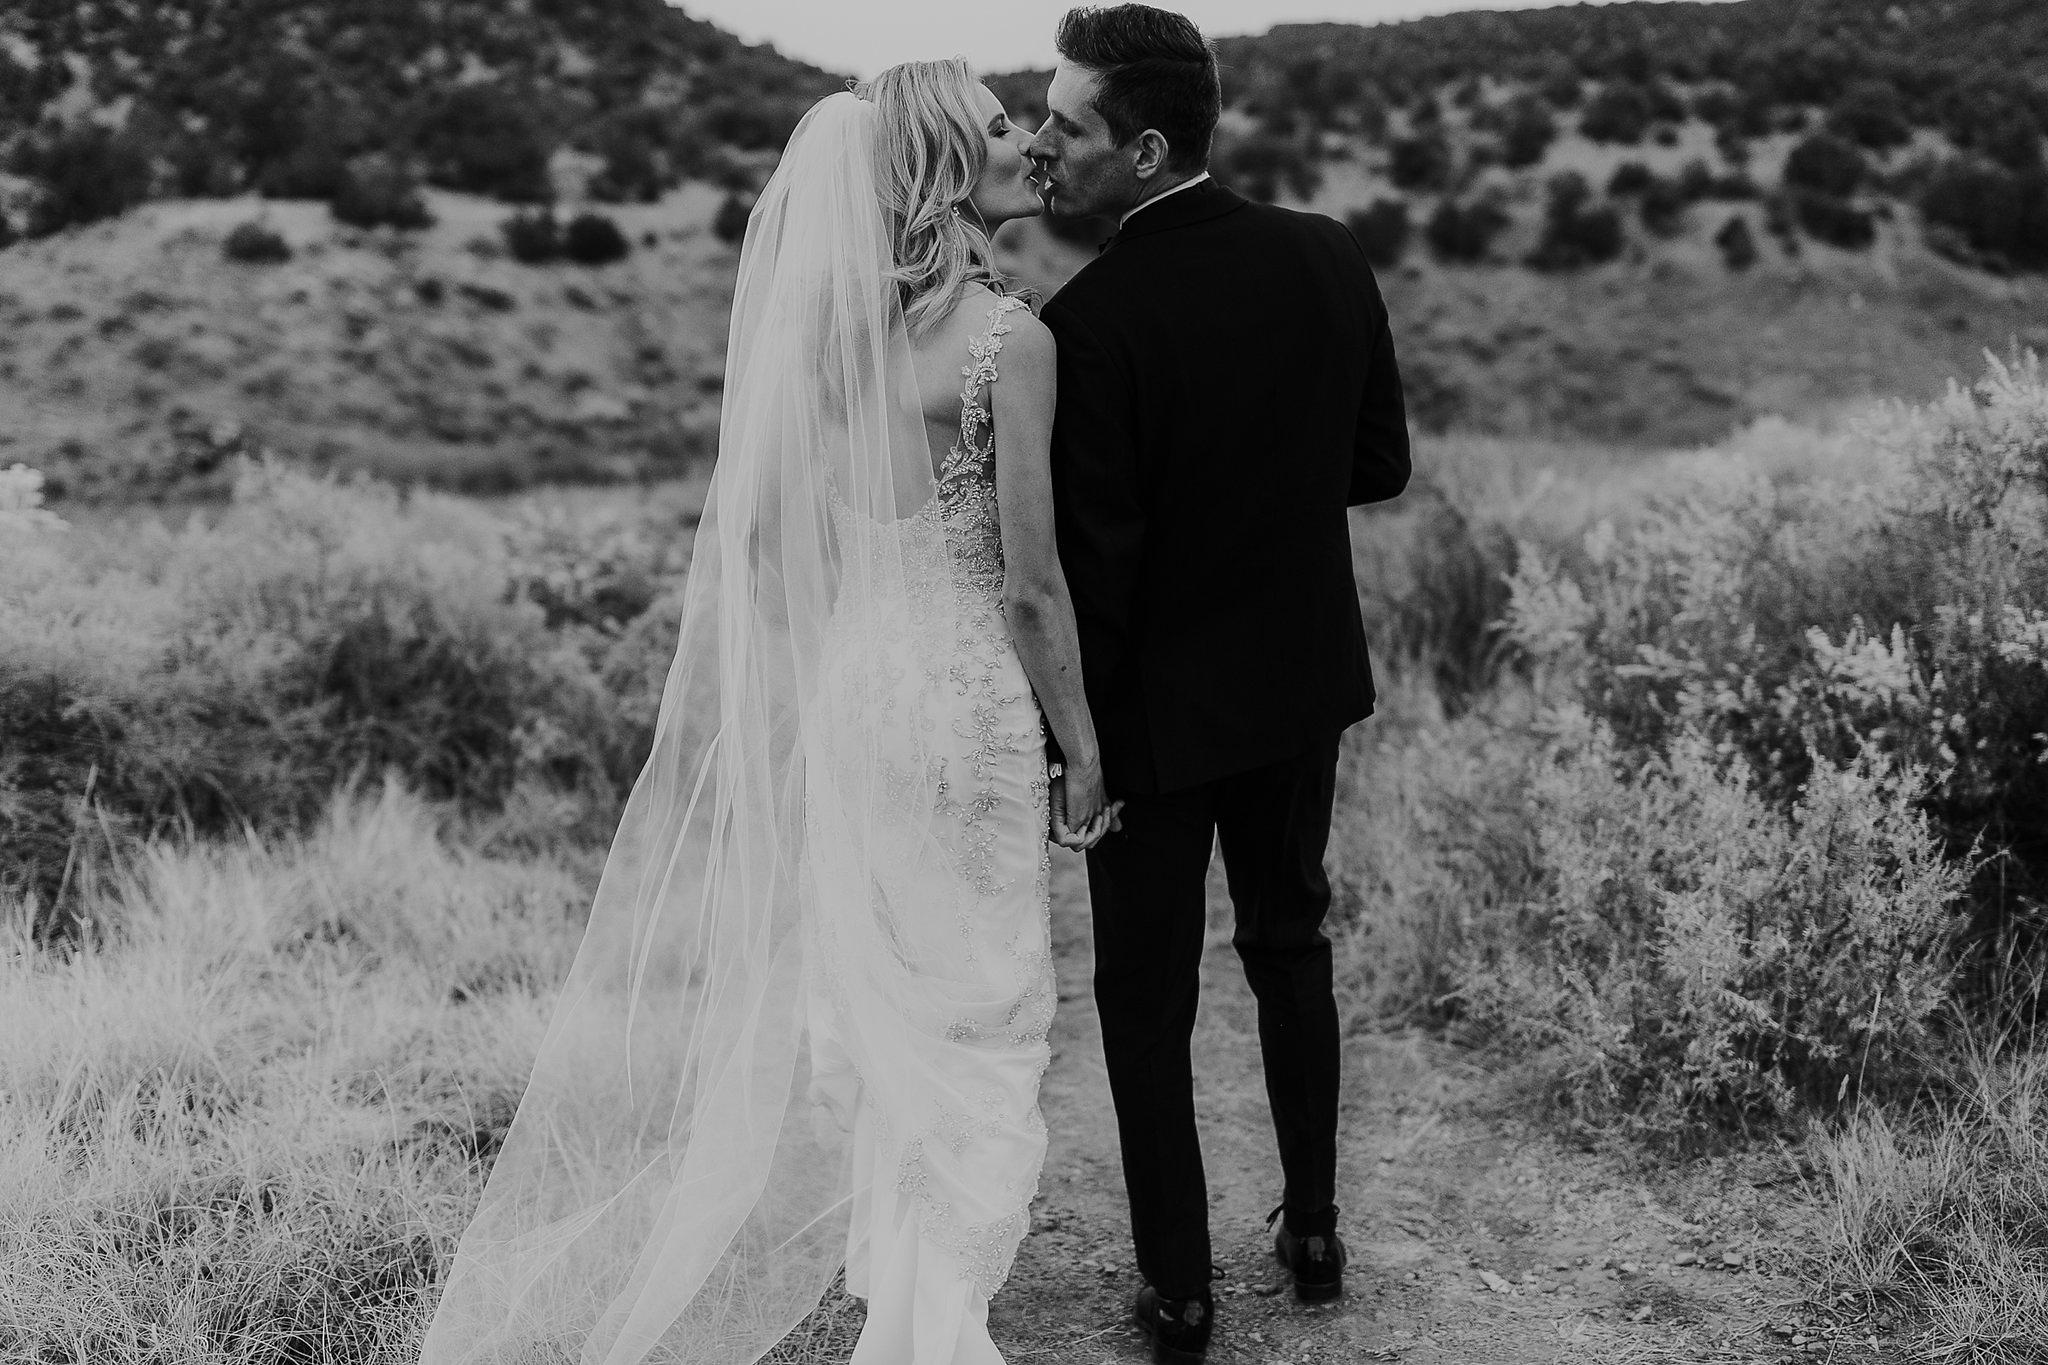 Alicia+lucia+photography+-+albuquerque+wedding+photographer+-+santa+fe+wedding+photography+-+new+mexico+wedding+photographer+-+new+mexico+wedding+-+new+mexico+wedding+-+albuquerque+wedding+-+casa+perea+wedding+-+summer+wedding_0067.jpg